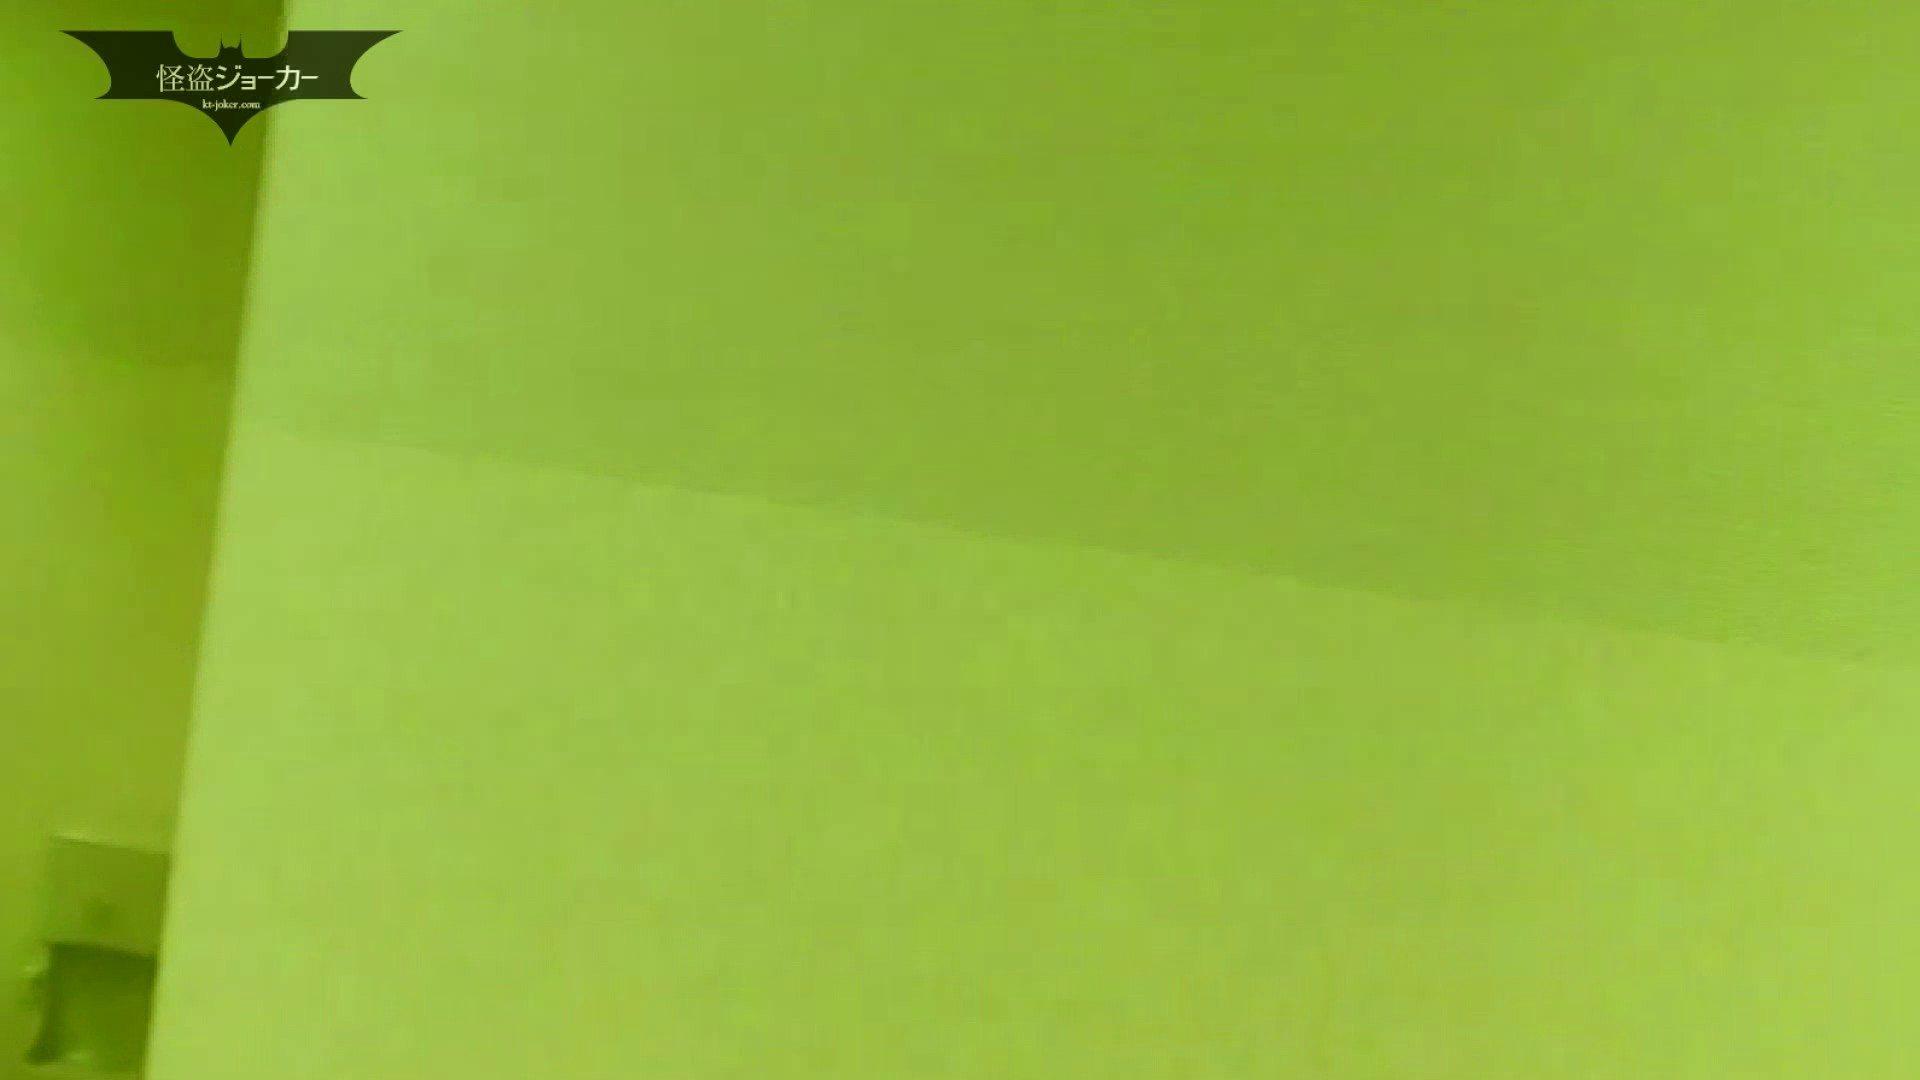 夏の思い出浜辺トイレ盗撮Vol.03 盗撮編 セックス画像 104枚 52